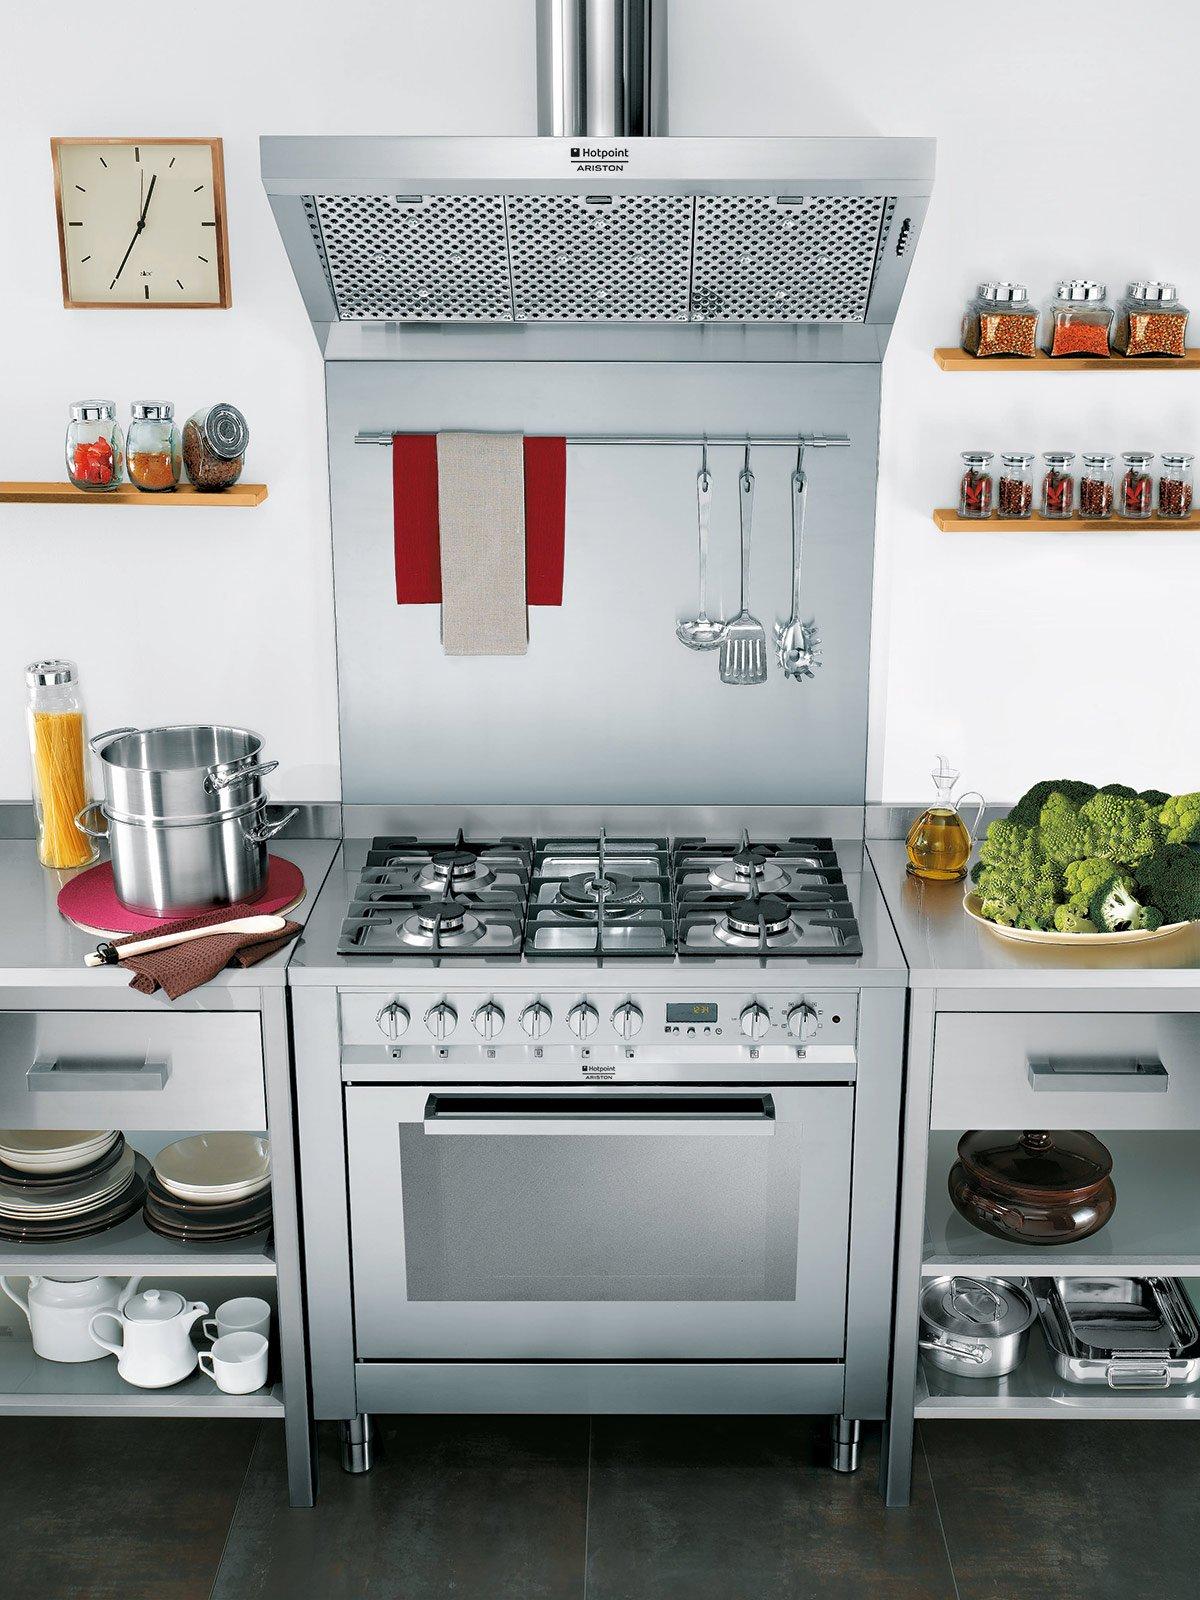 Cucina monoblocco piano cottura e forno tutto in uno - Cucina freestanding ...